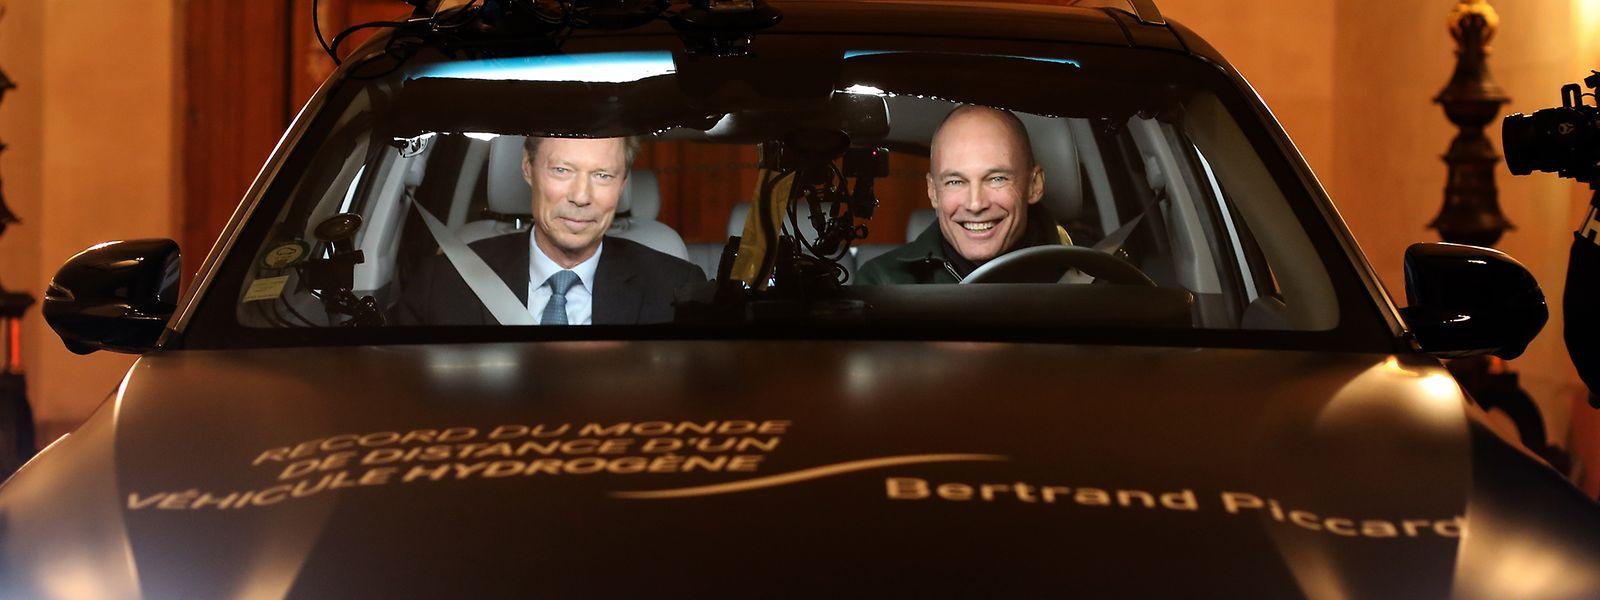 Großherzog Henri unternahm eine Spritztour mit Bertrand Piccard.